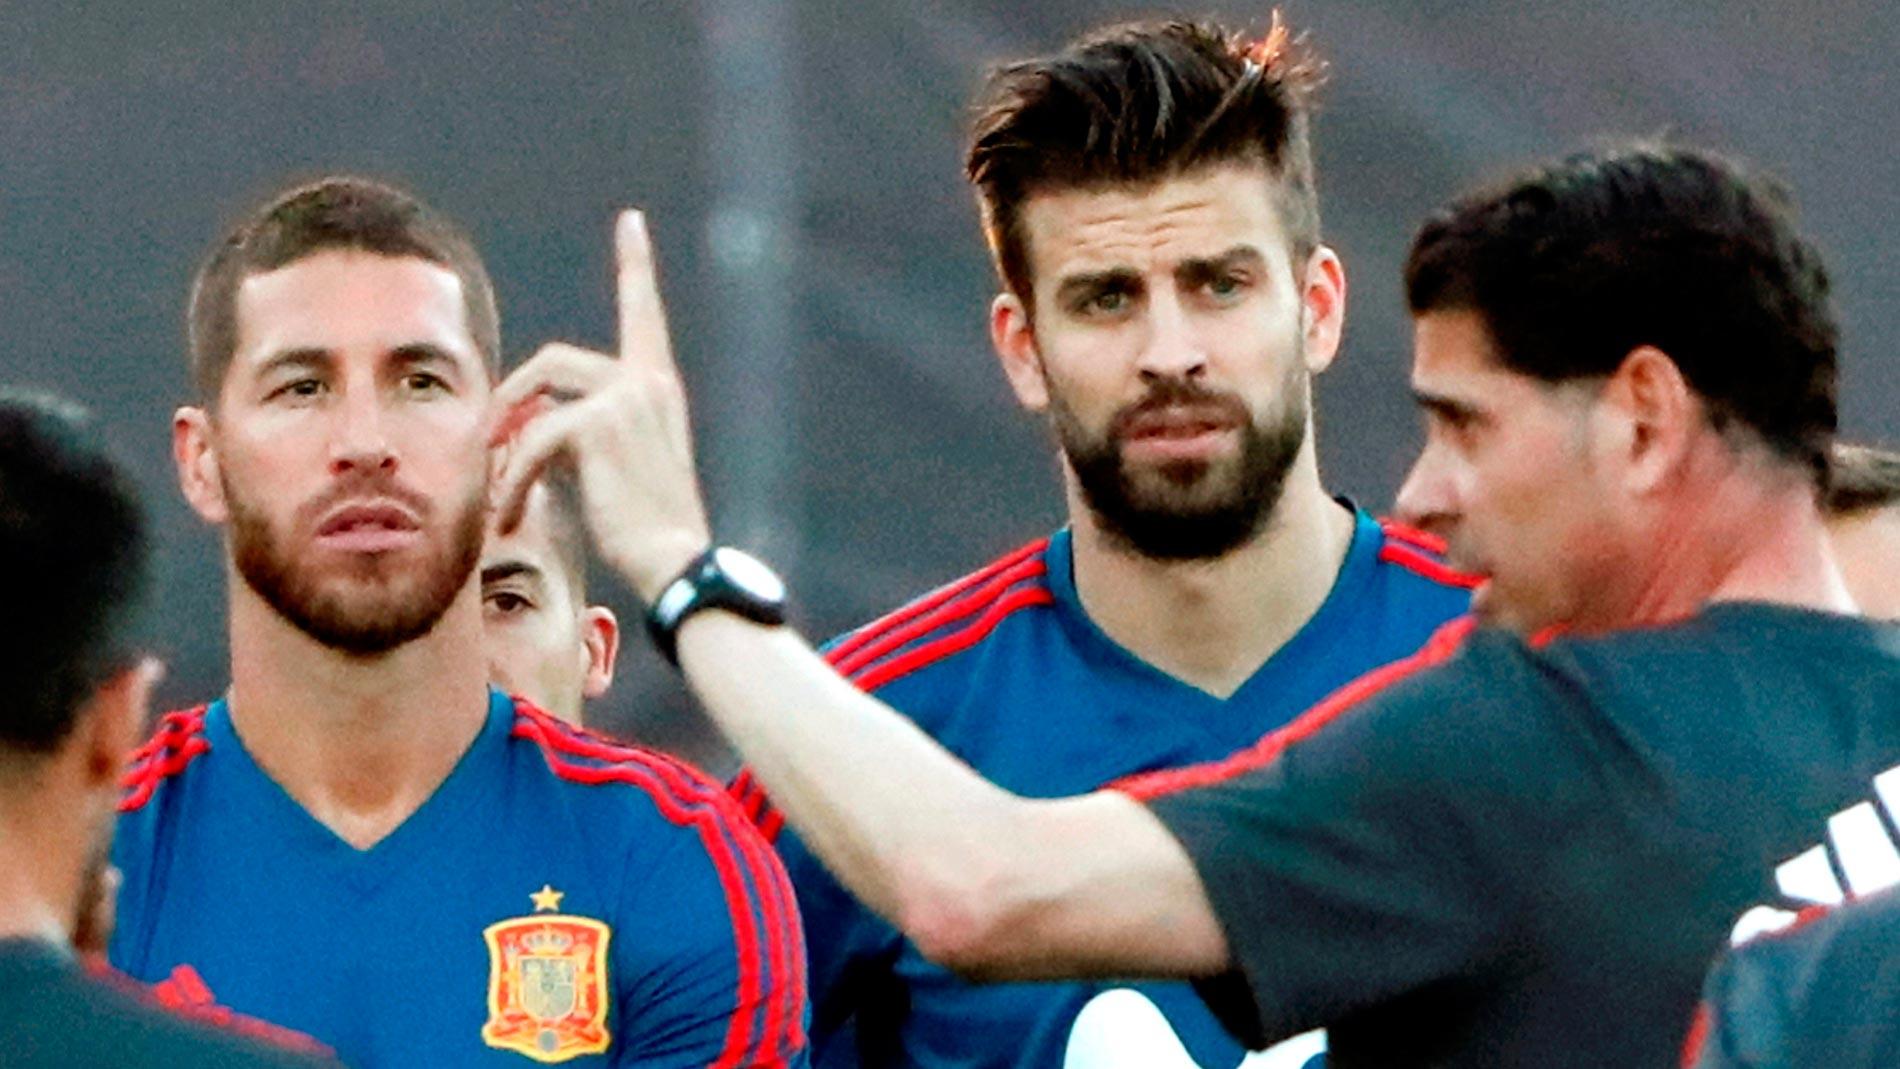 Mundial 2018. Ramos y Piqué apelan a la unidad ante el estupor mundial